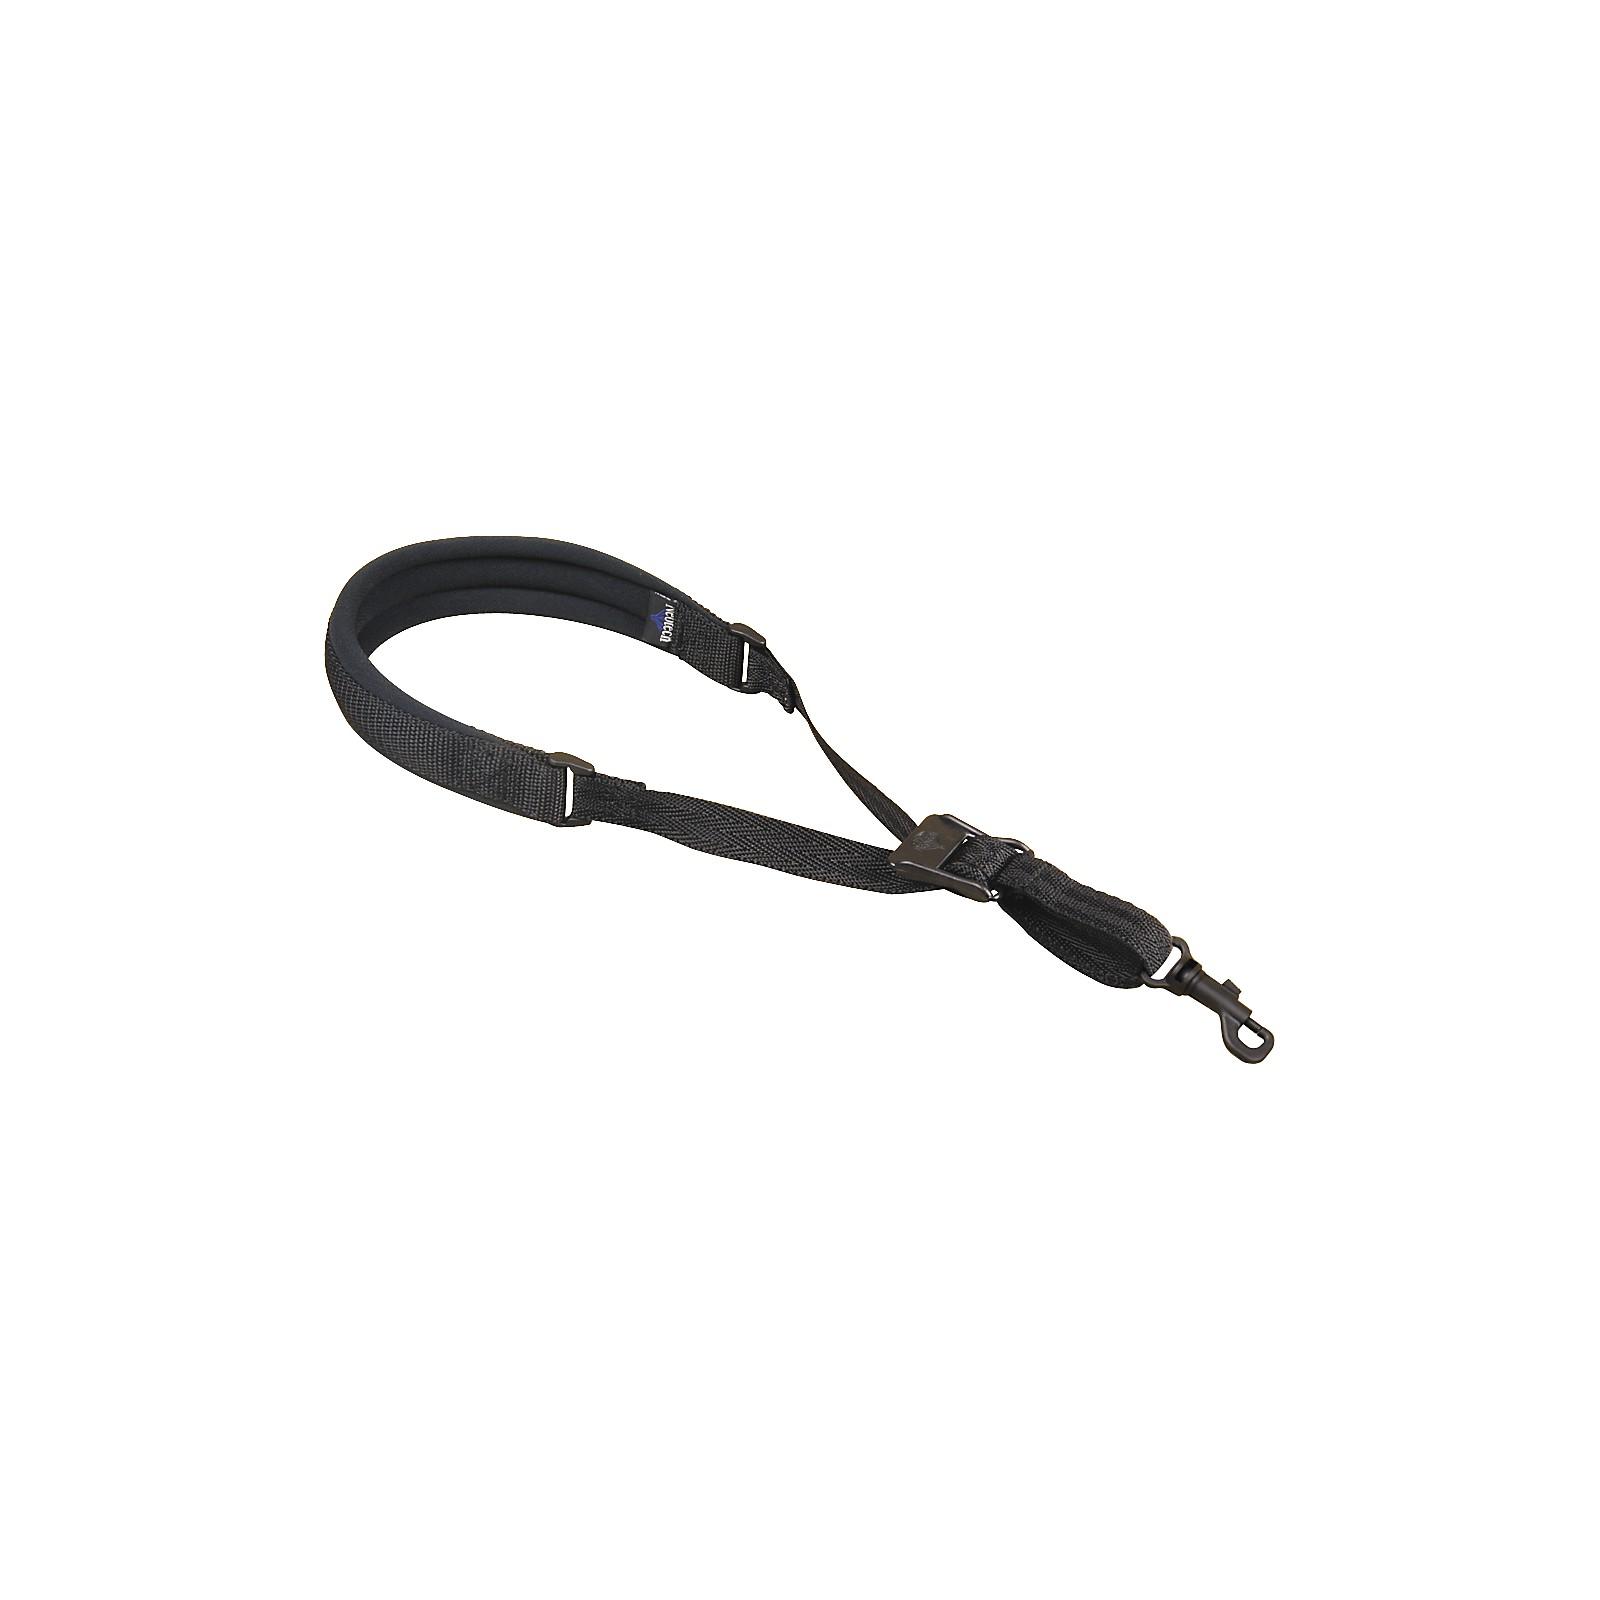 Neotech Wick-It Swivel Hook Sax Strap